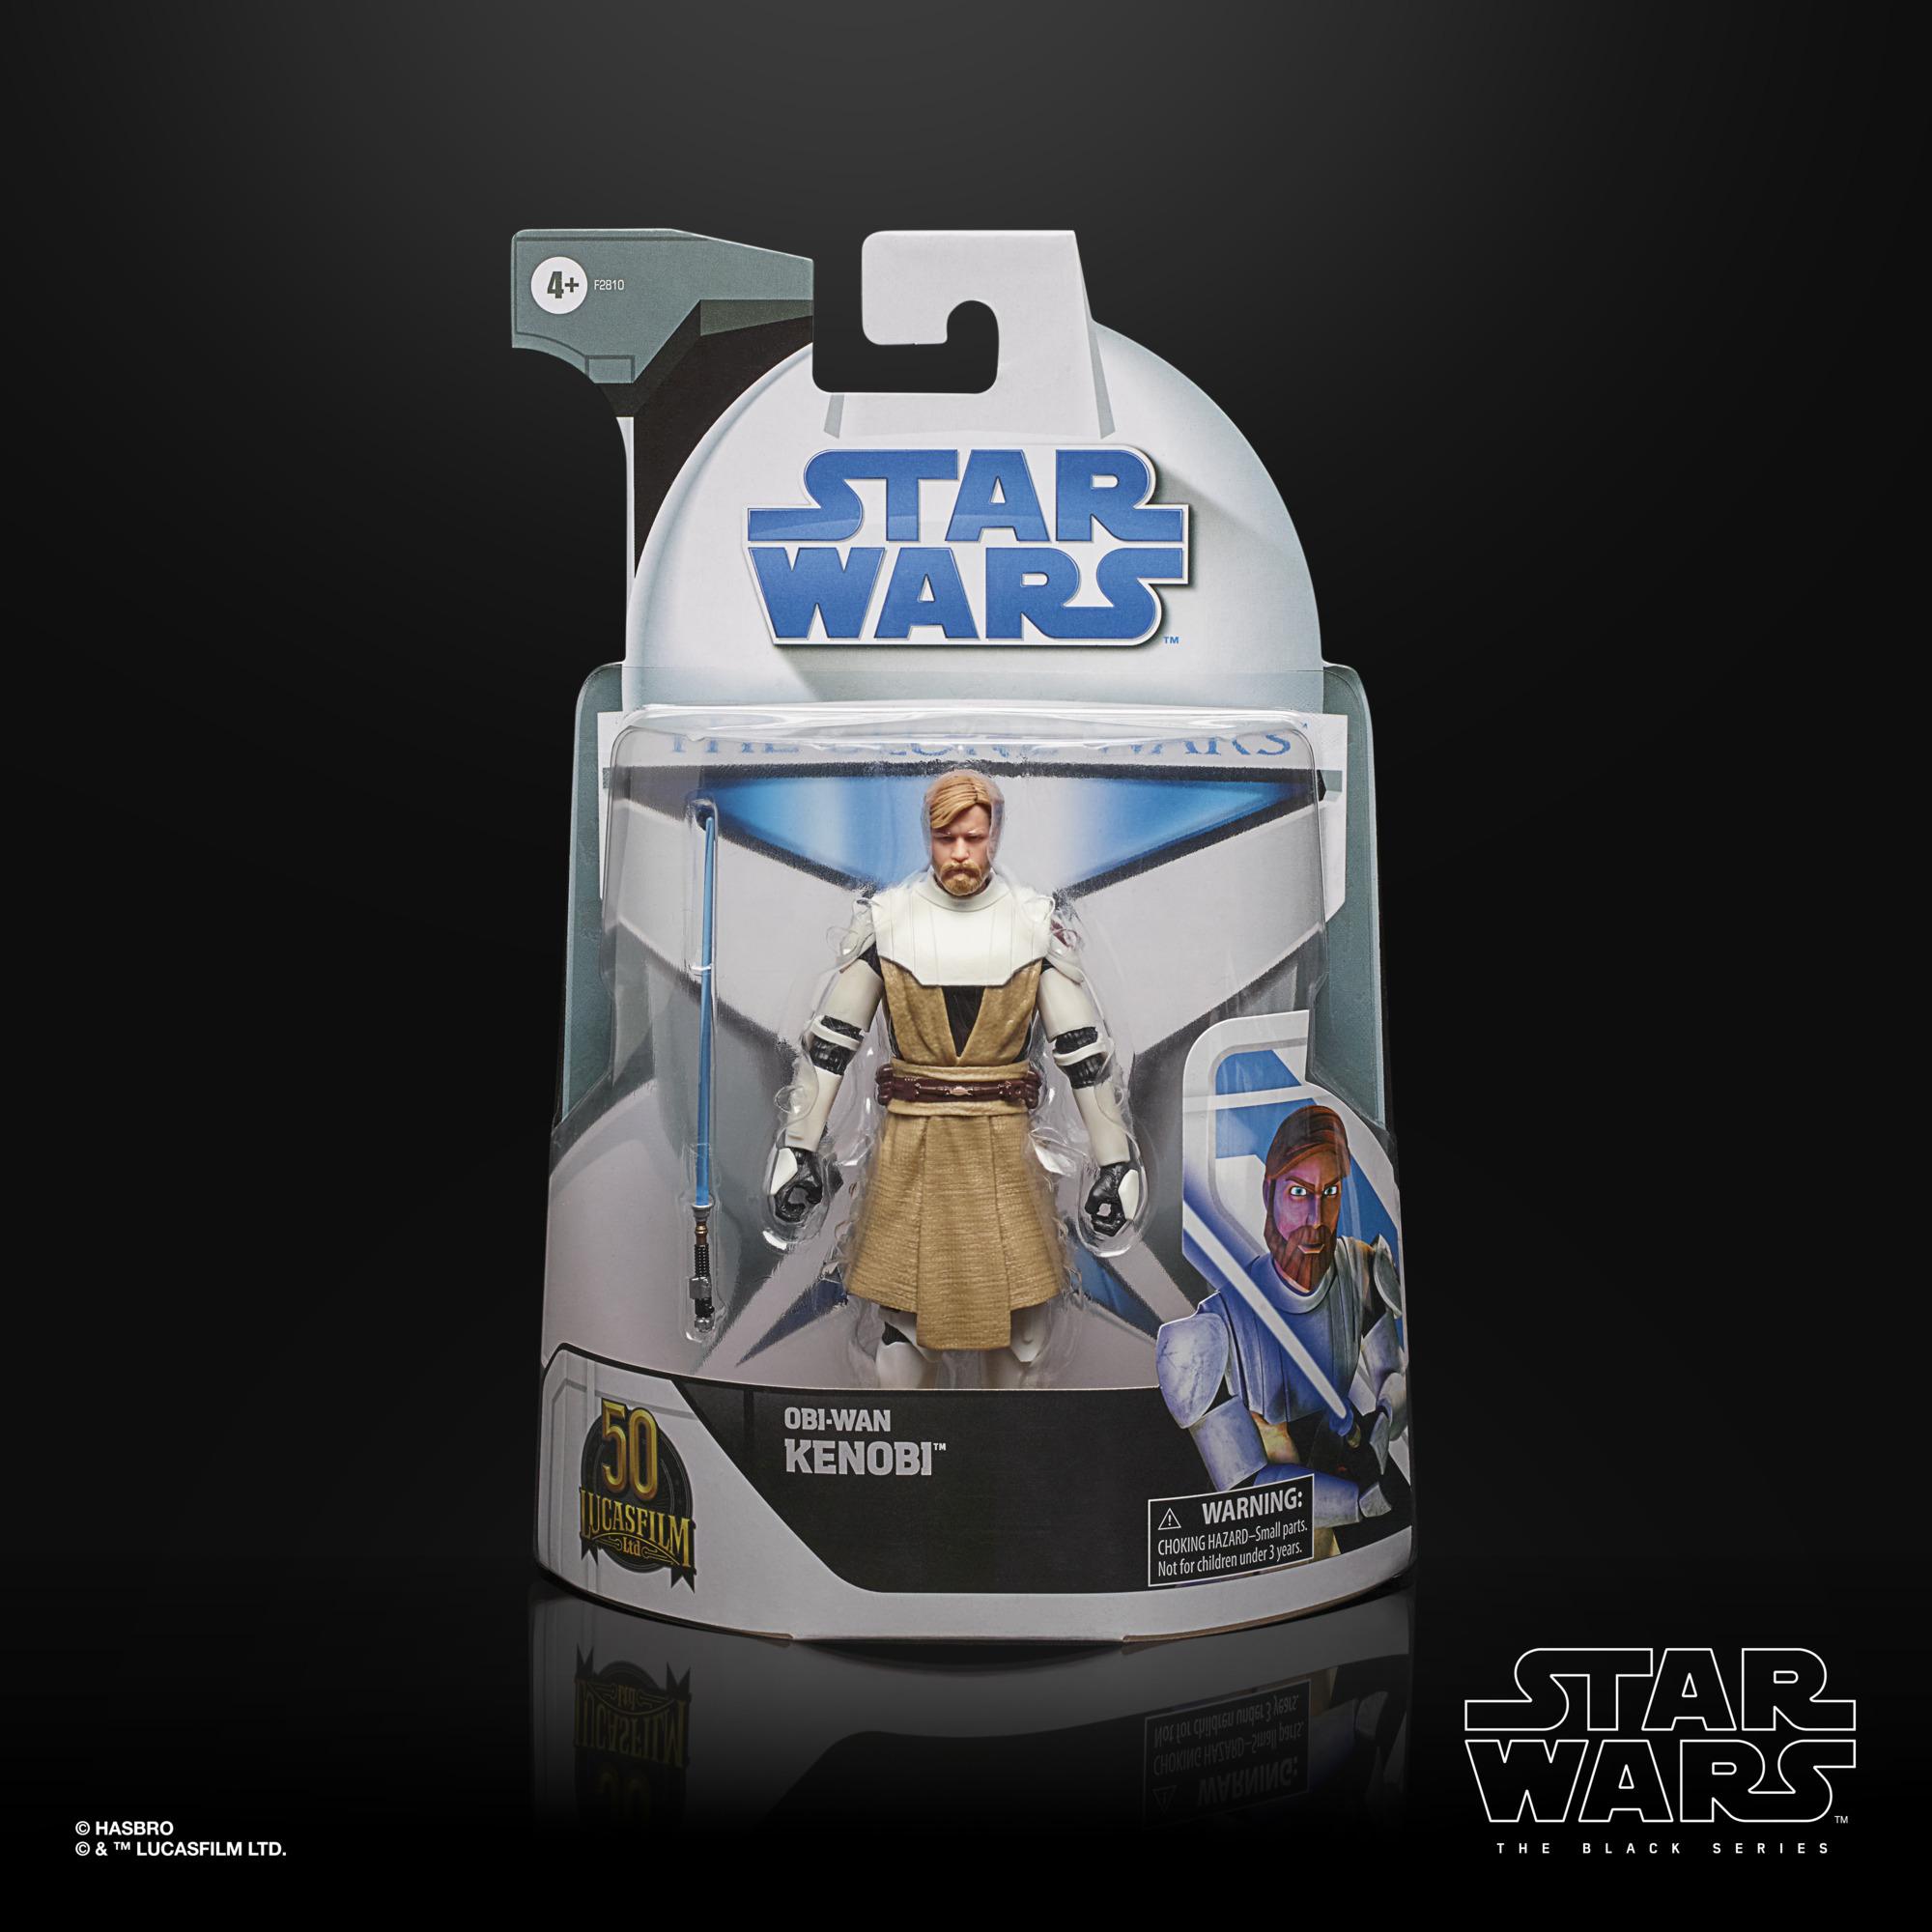 Star Wars The Black Series - Obi-Wan Kenobi F28105L0 5010993867073